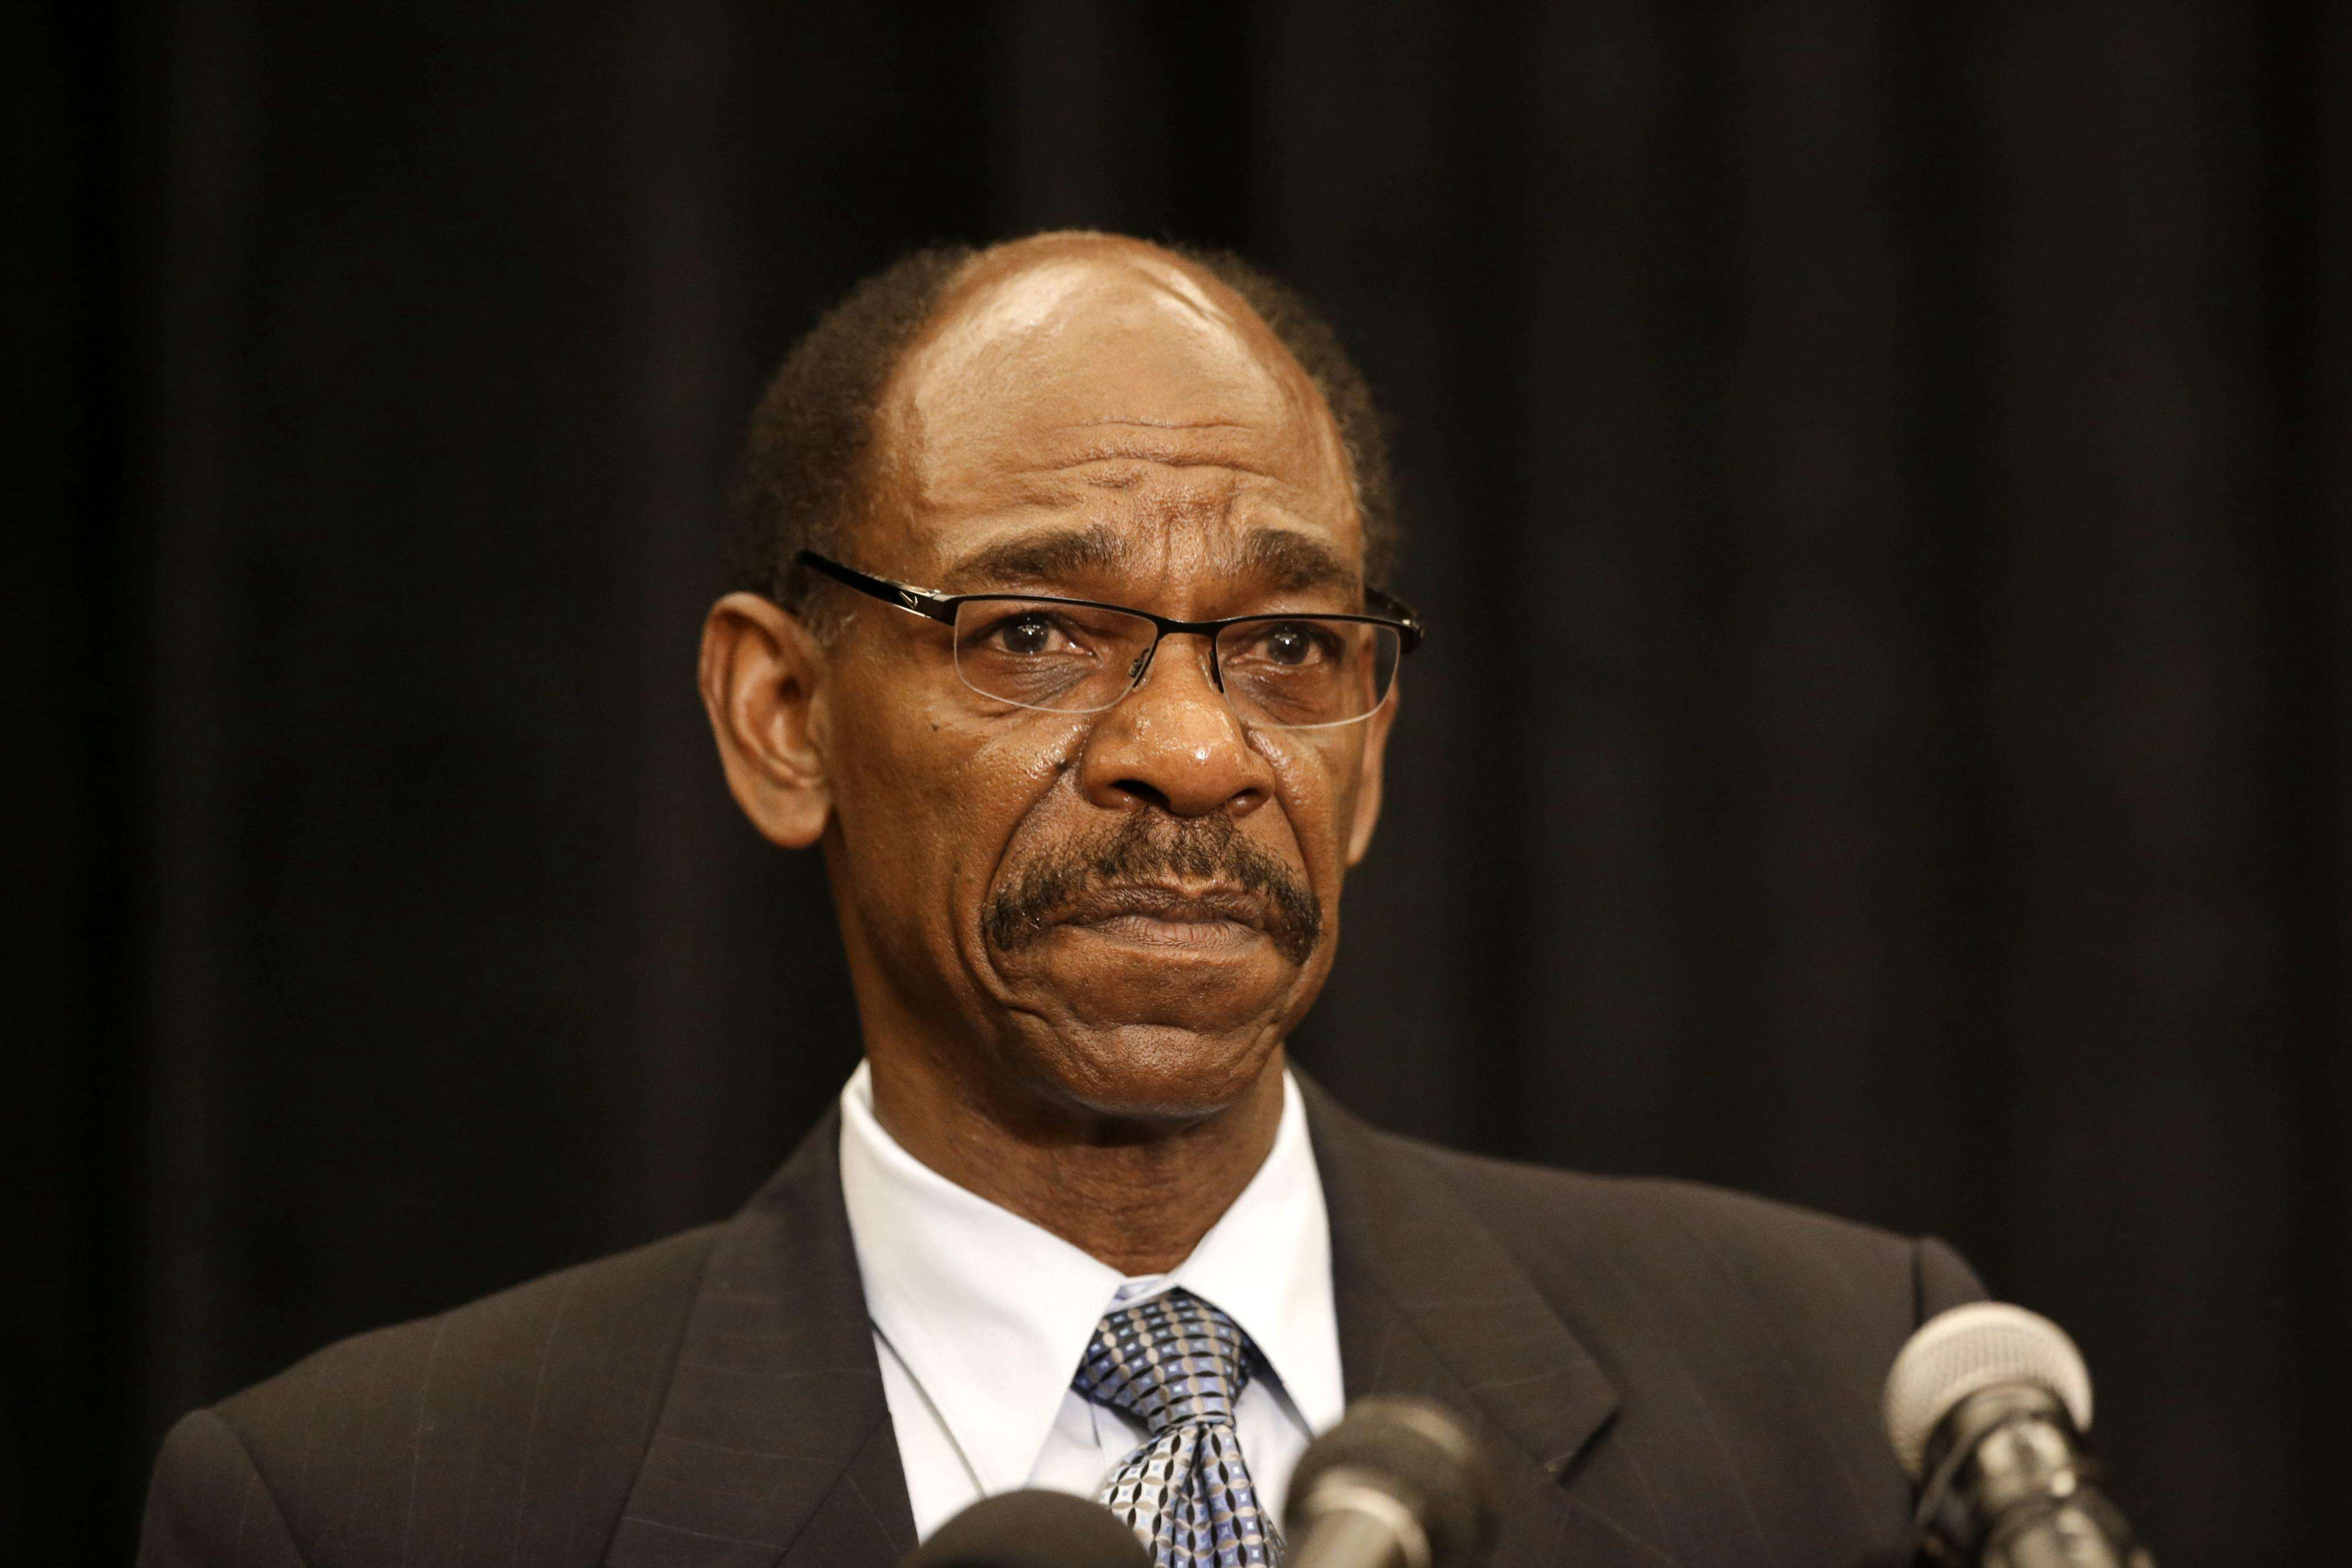 Ron Washington al hablar en rueda de prensa sobre lo que ocurrió de su salida de Rangers de Texas. Foto: AP